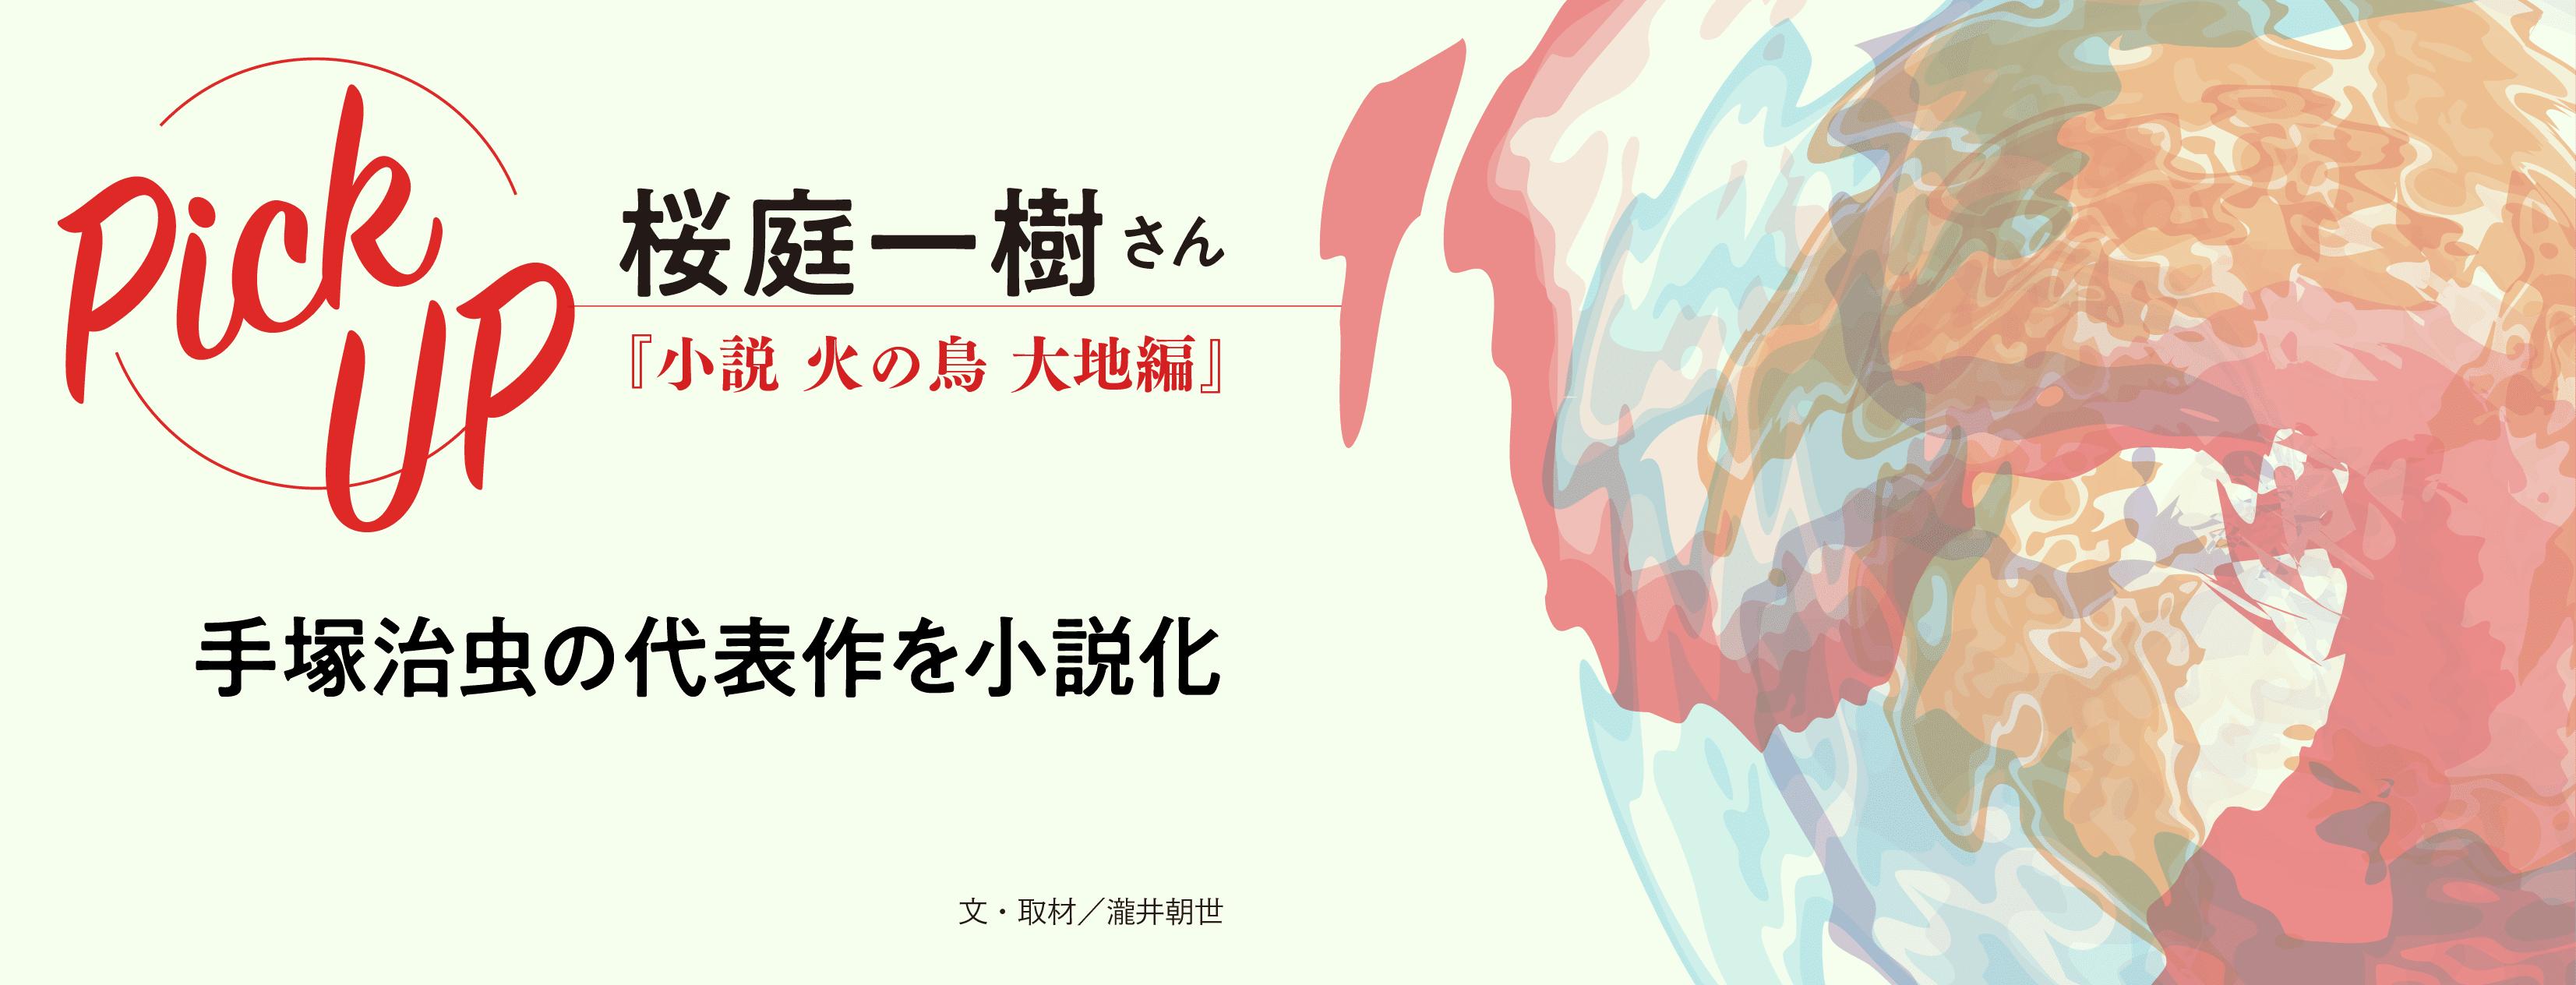 桜庭一樹さん『小説 火の鳥 大地編』